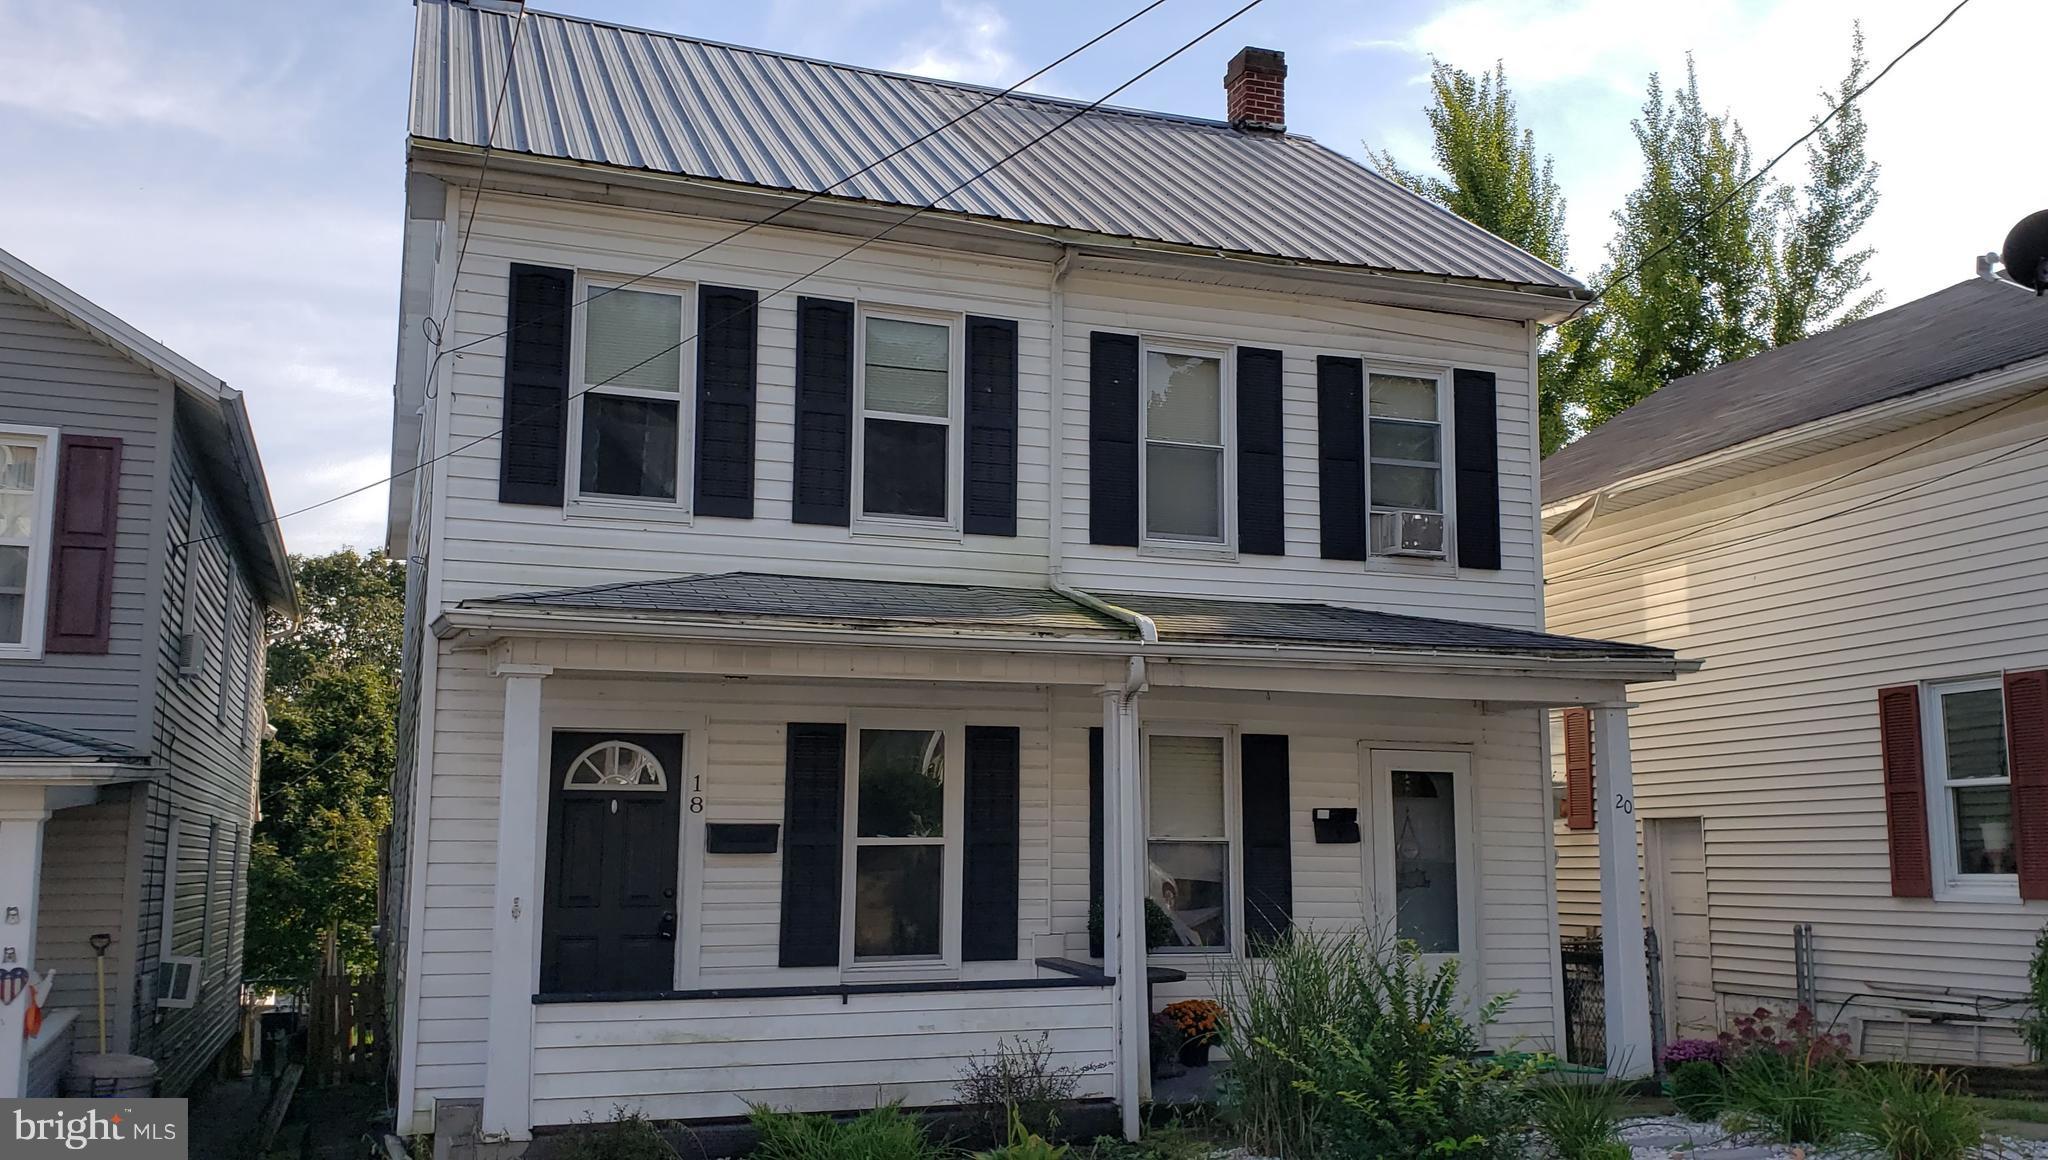 18 Woods Lane, Lewistown, PA 17044